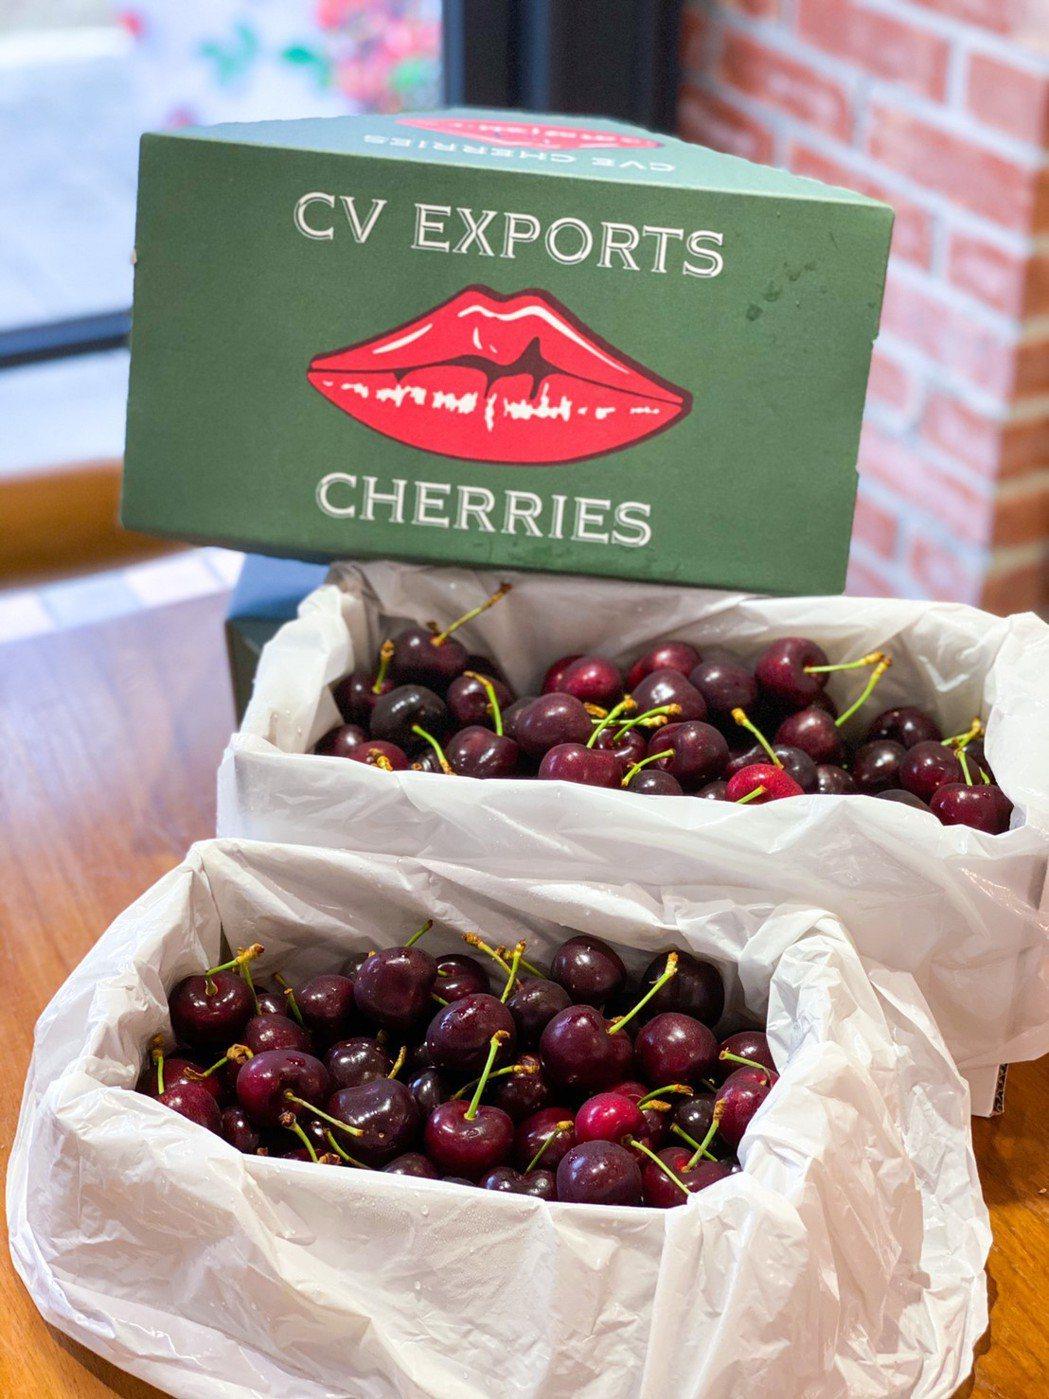 第一名首選像極紅寶石般的紐澳限量櫻桃,補血補元氣健康滿分。特智有限公司/提供